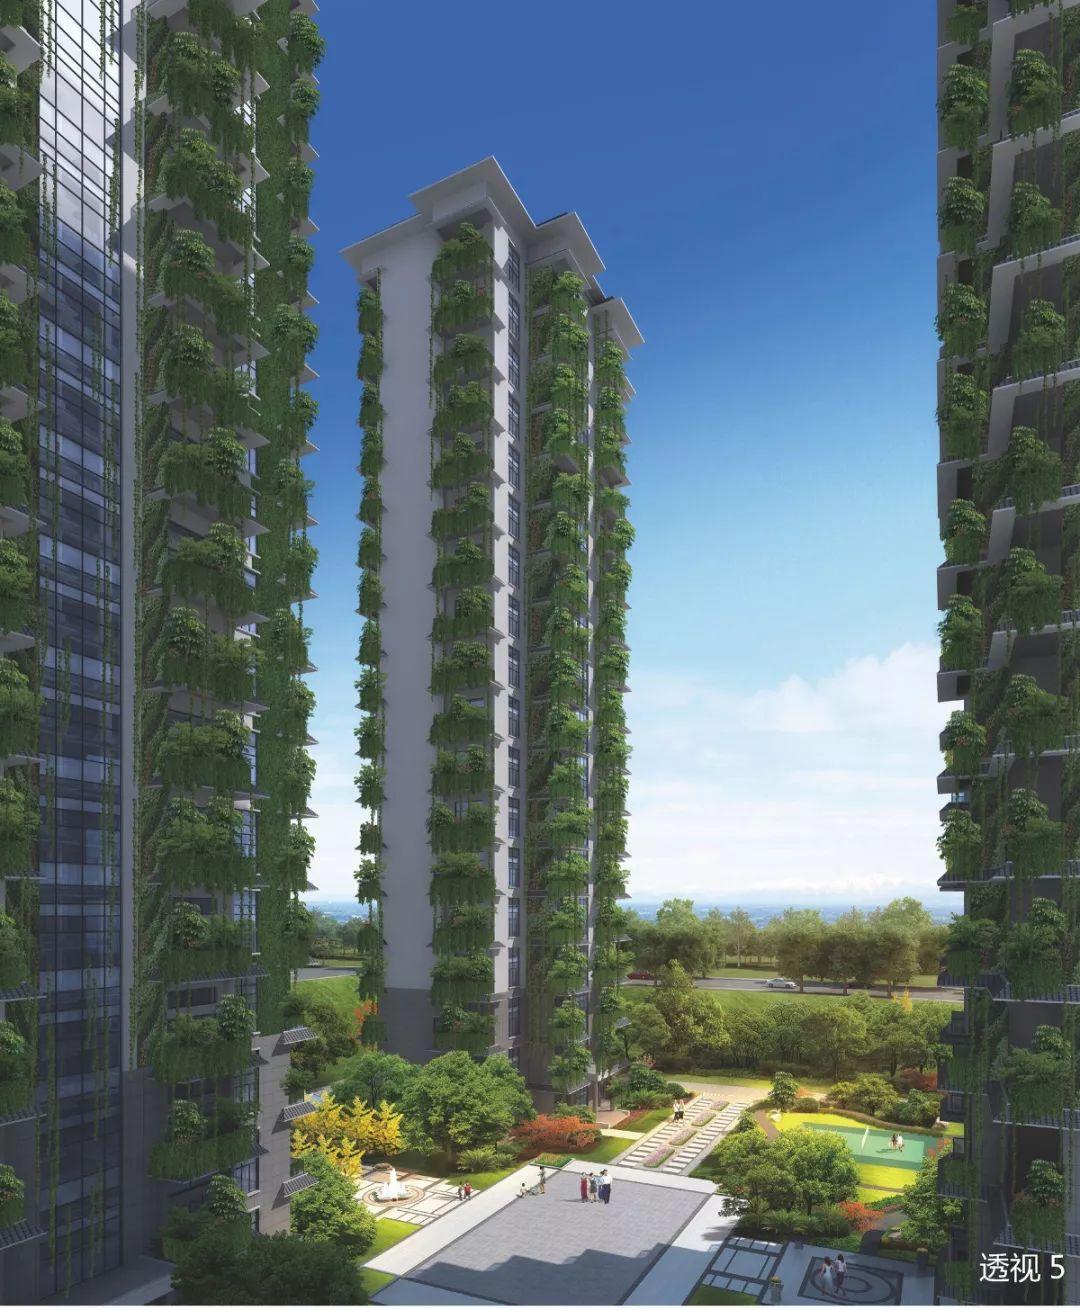 大理天空院,大理市政府旁,垂直森林式居住建筑